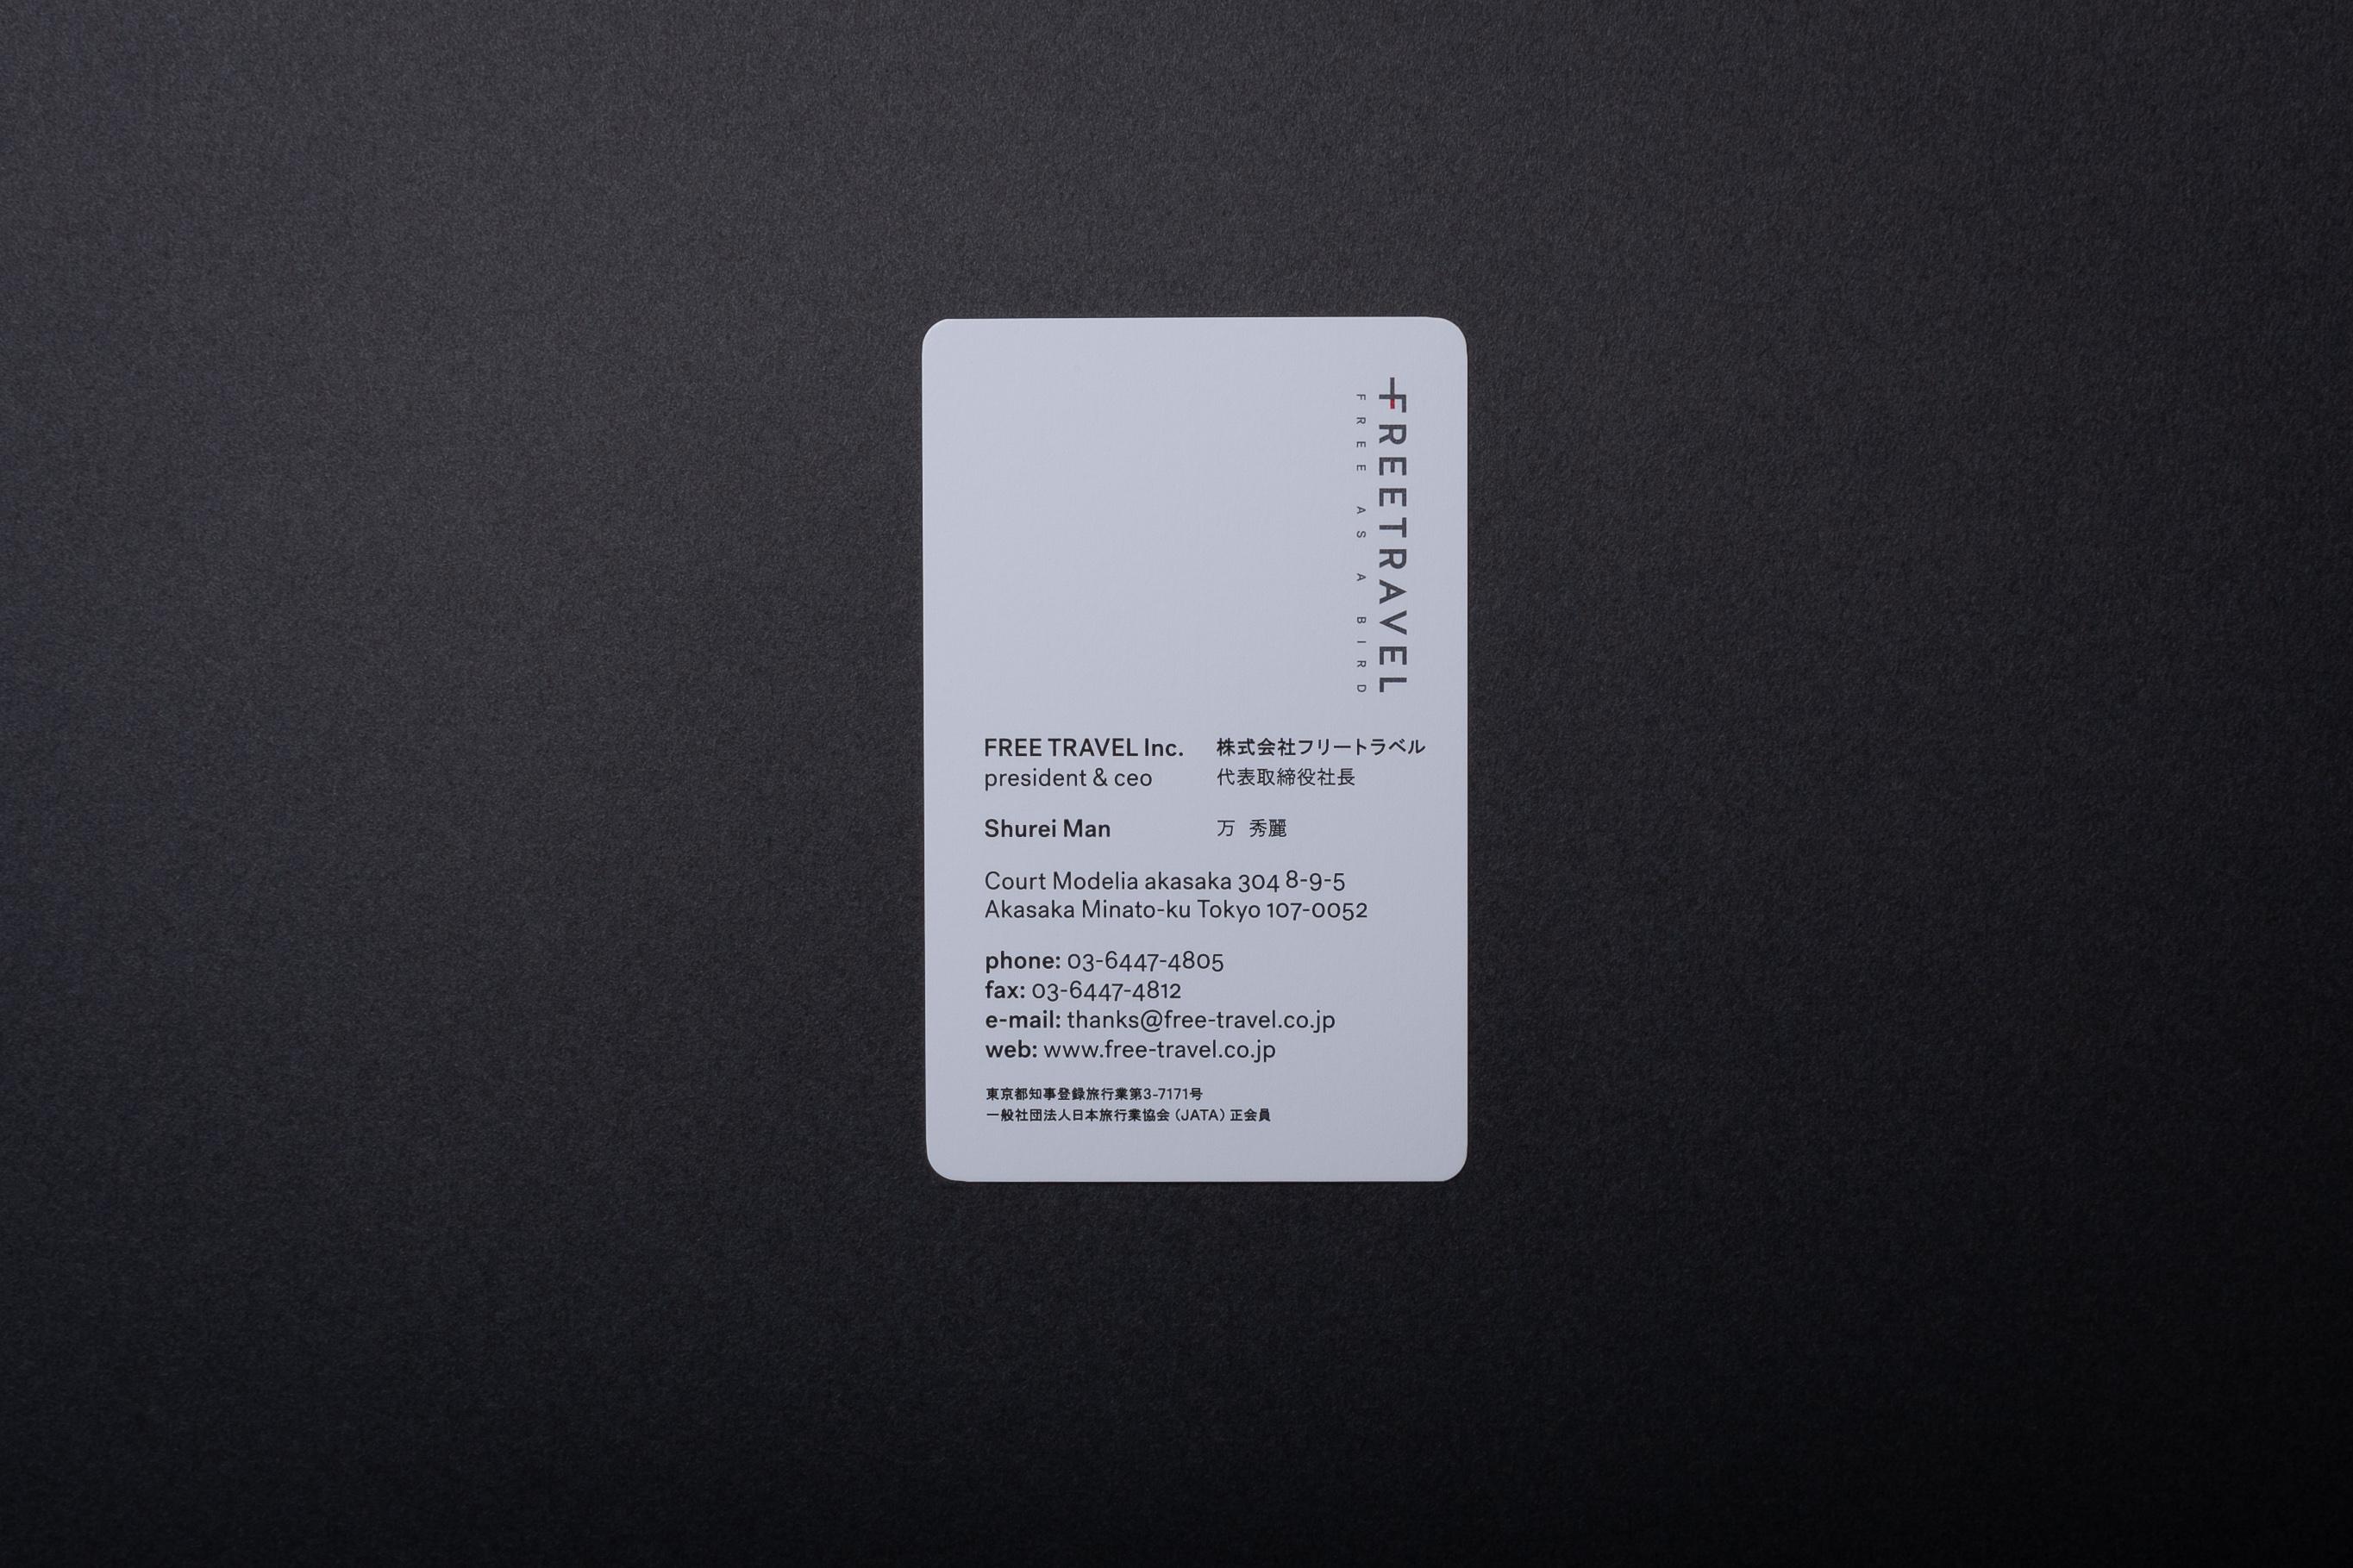 名刺デザイン – 株式会社フリートラベル様